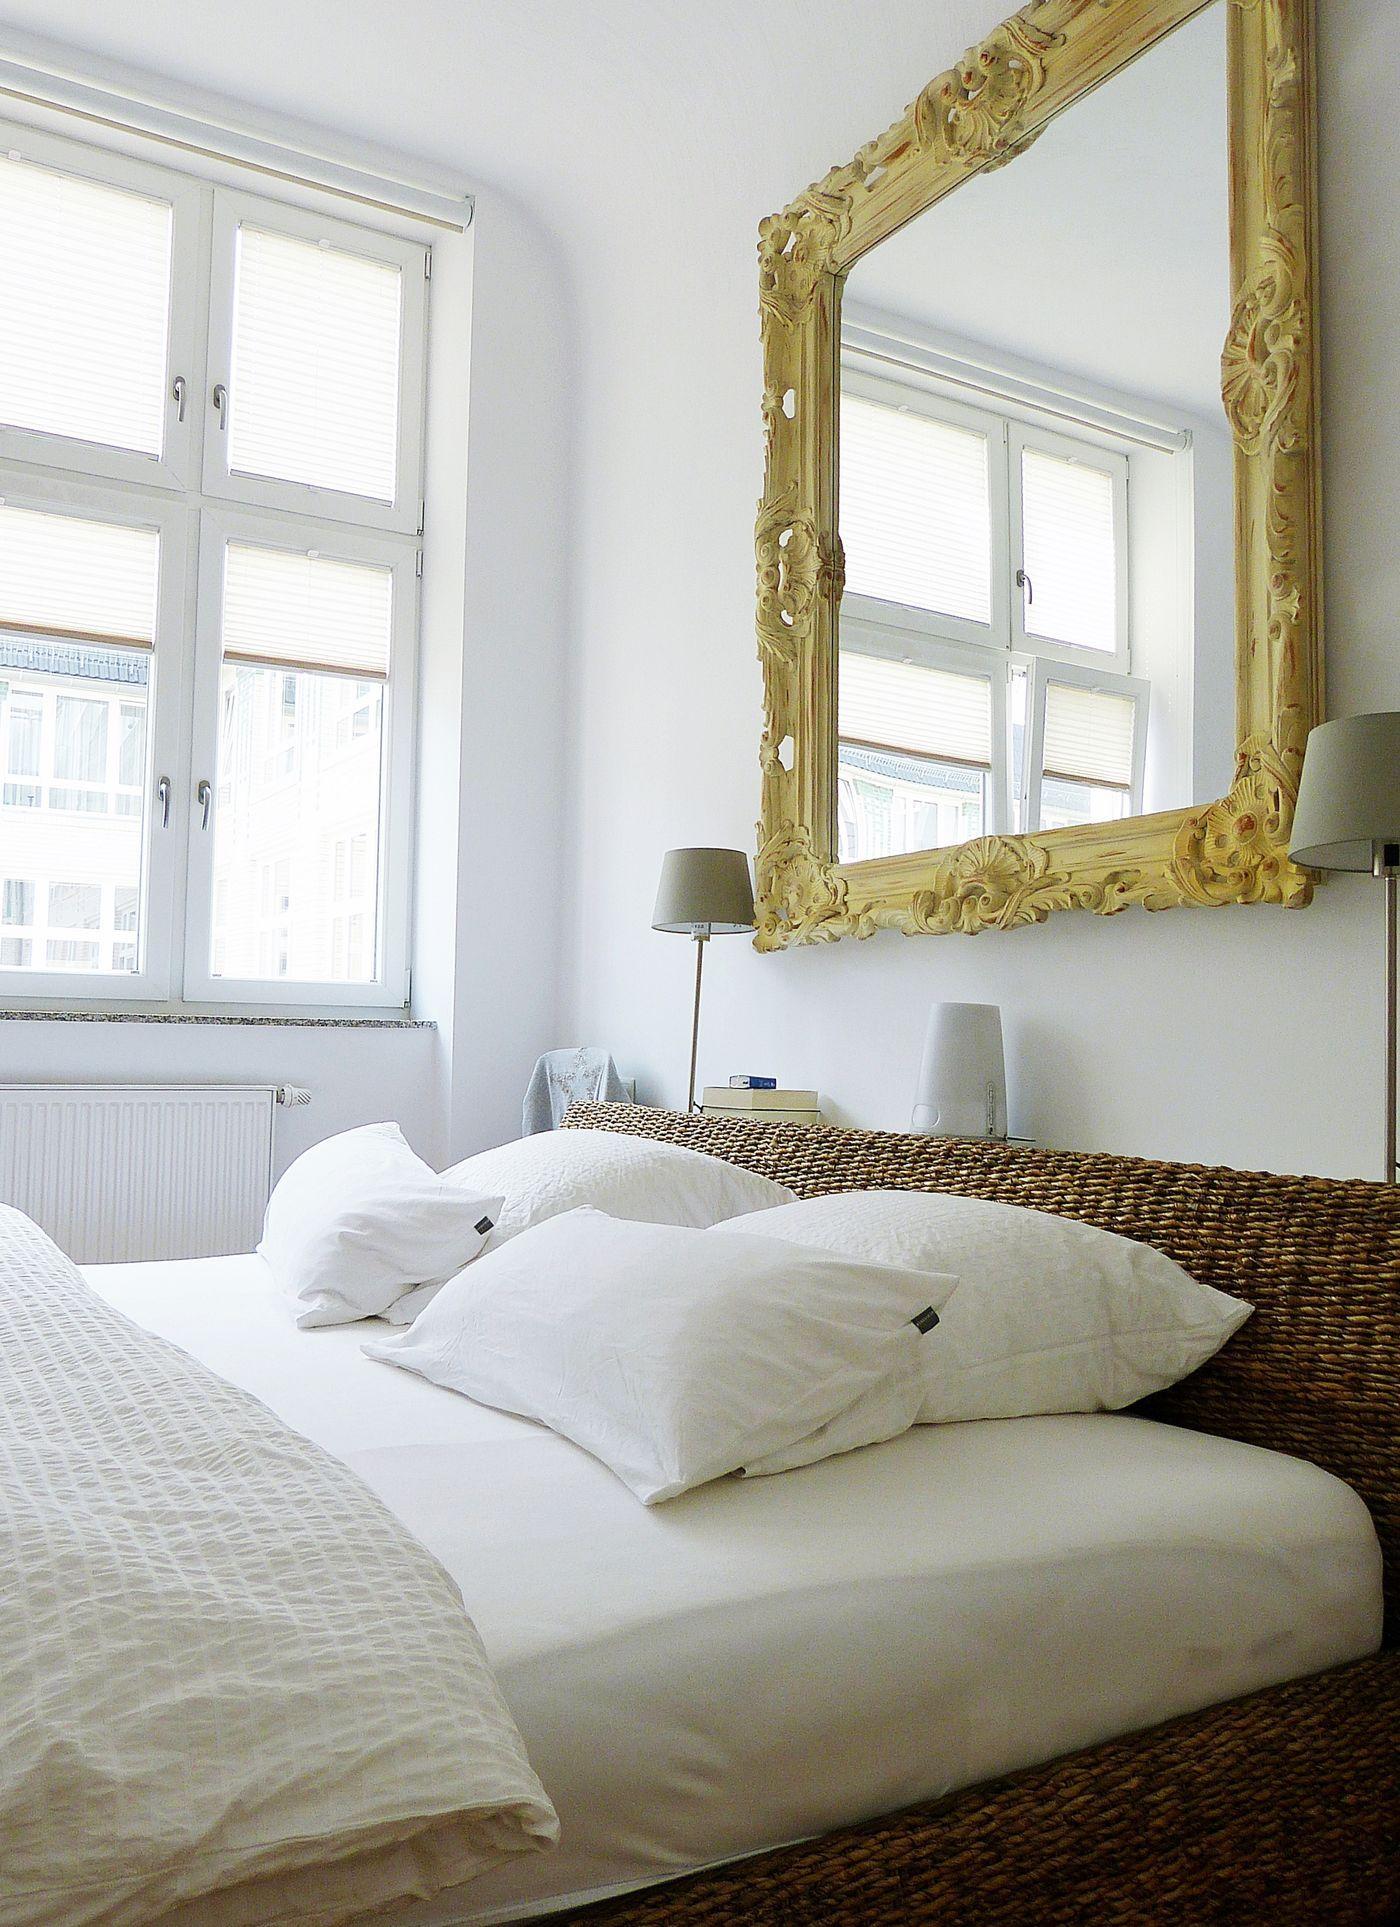 Das landhaus schlafzimmer seite 2 - Schlafzimmer landhaus ...